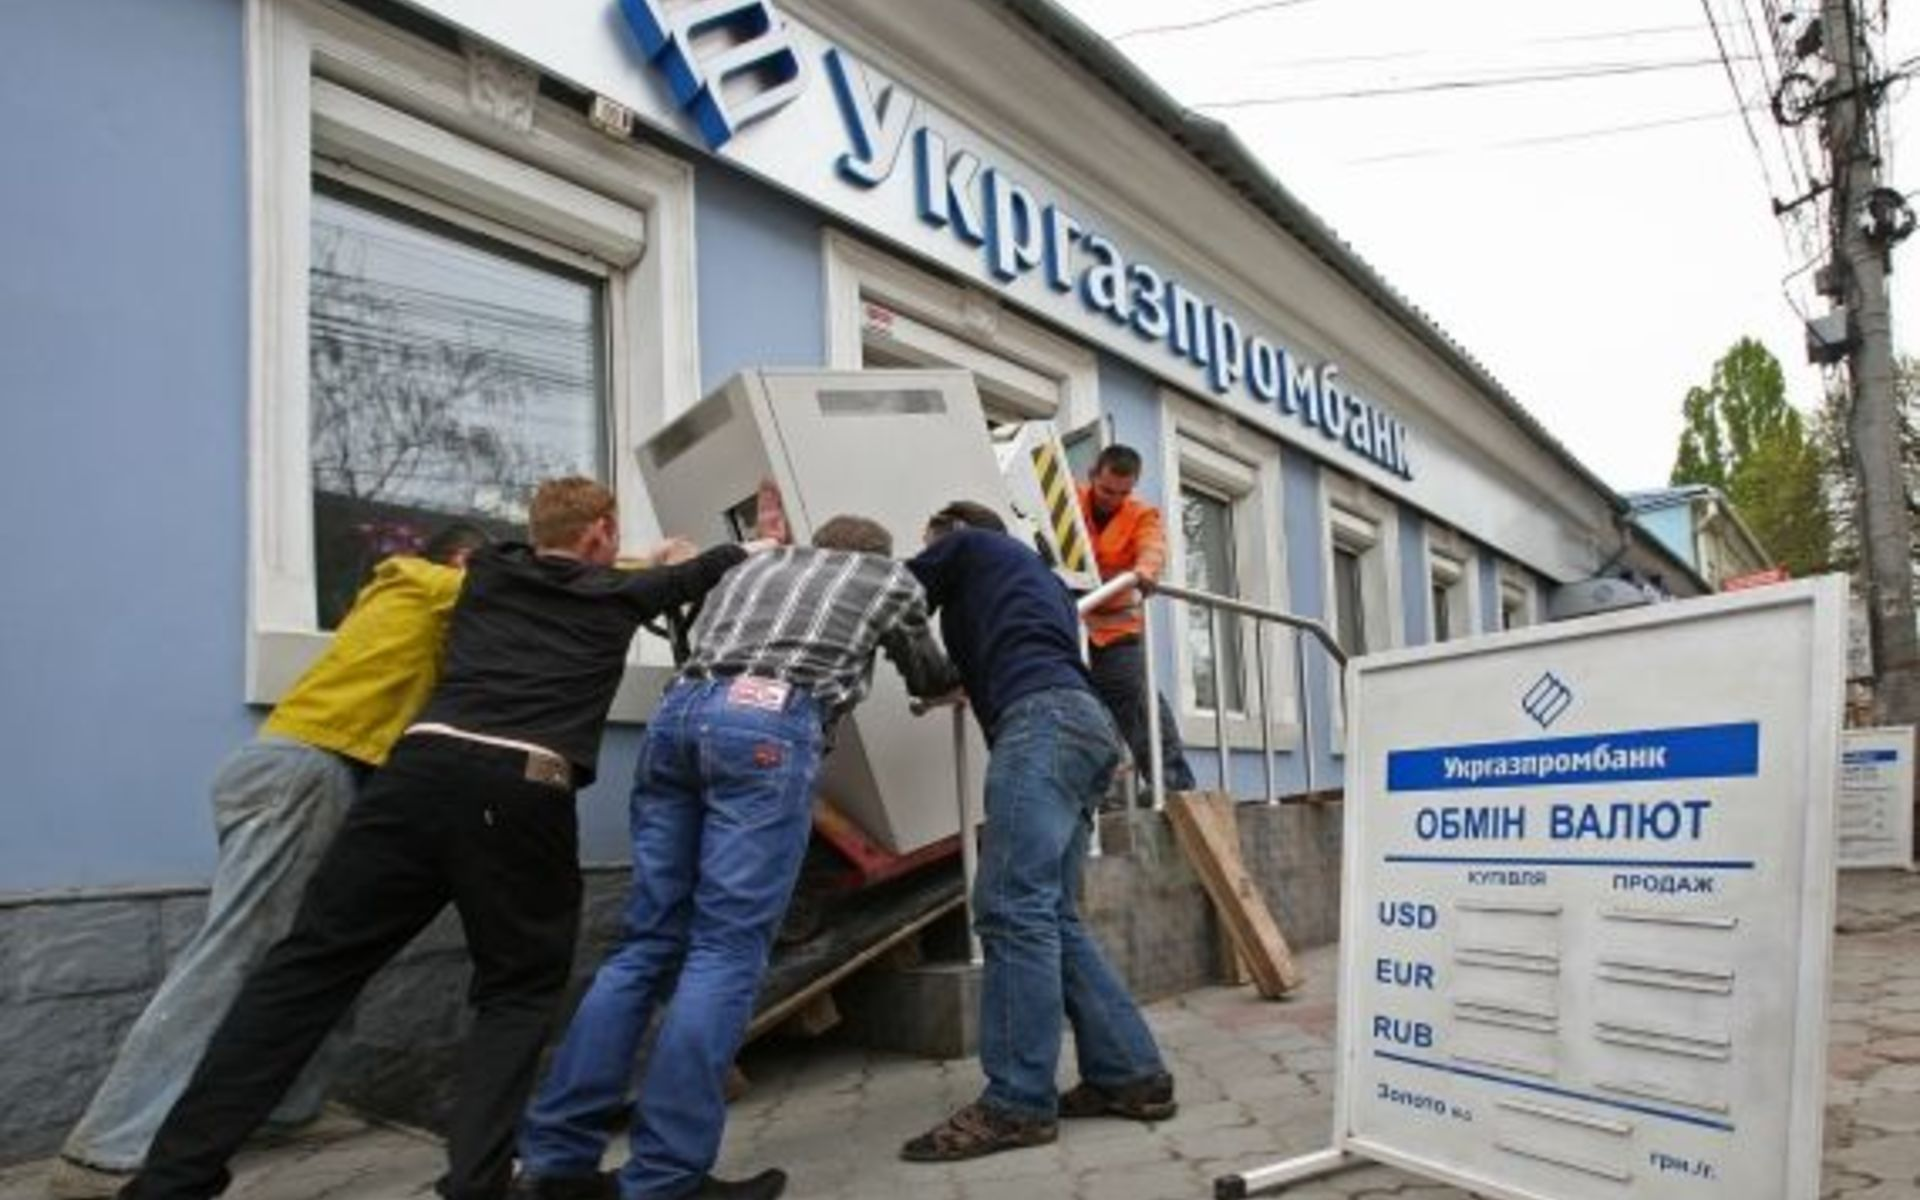 кредит под залог недвижимости в крыму банк россиякак узнать бик карты сбербанка через сбербанк онлайн